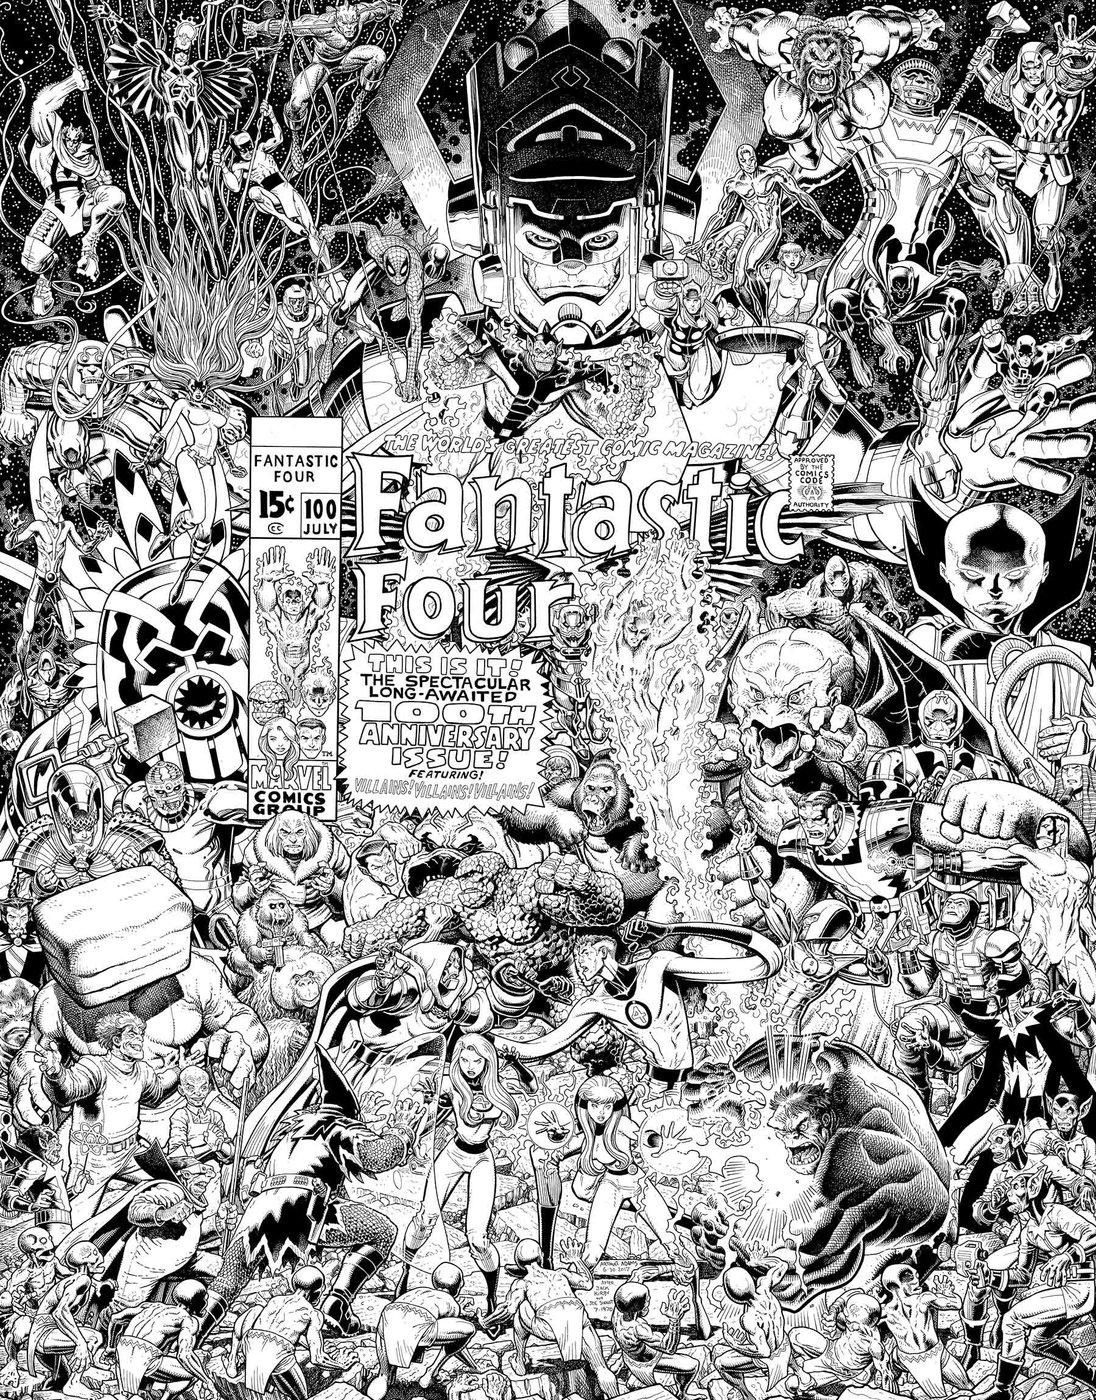 Fantastic Four #1 -couverture variante par Arthur Adams